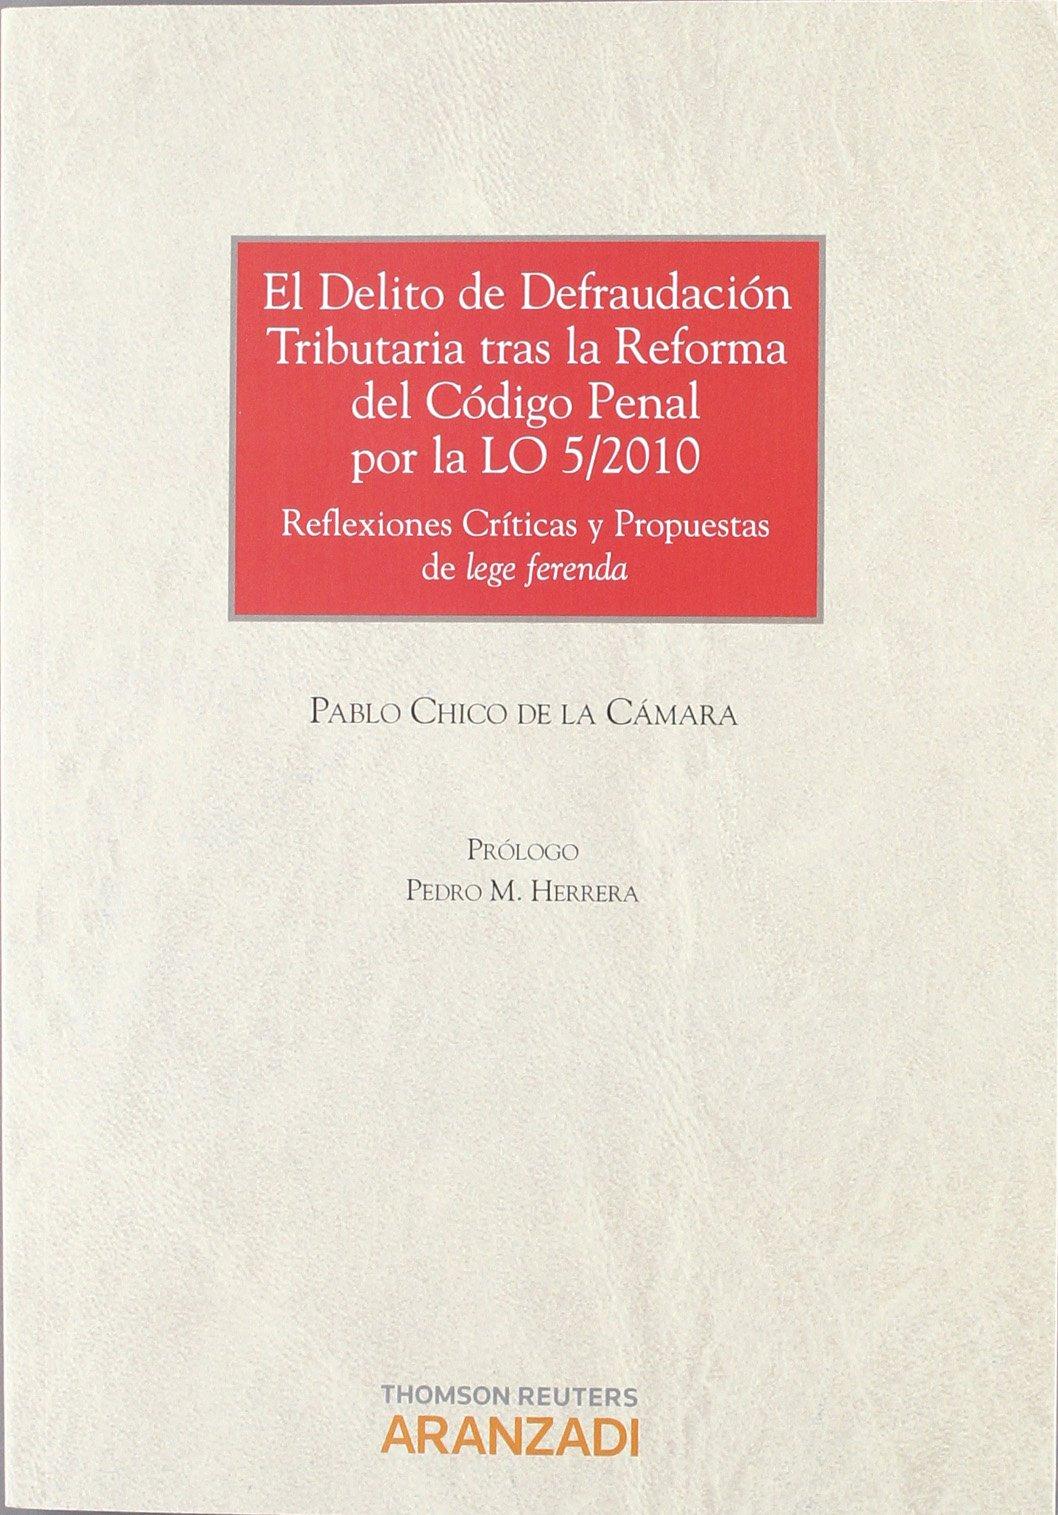 El Delito de defraudación tributaria tras la reforma del Código Penal por la LO 5/2010 - Reflexiones críticas y propuestas de lege ferenda Monografía: ...